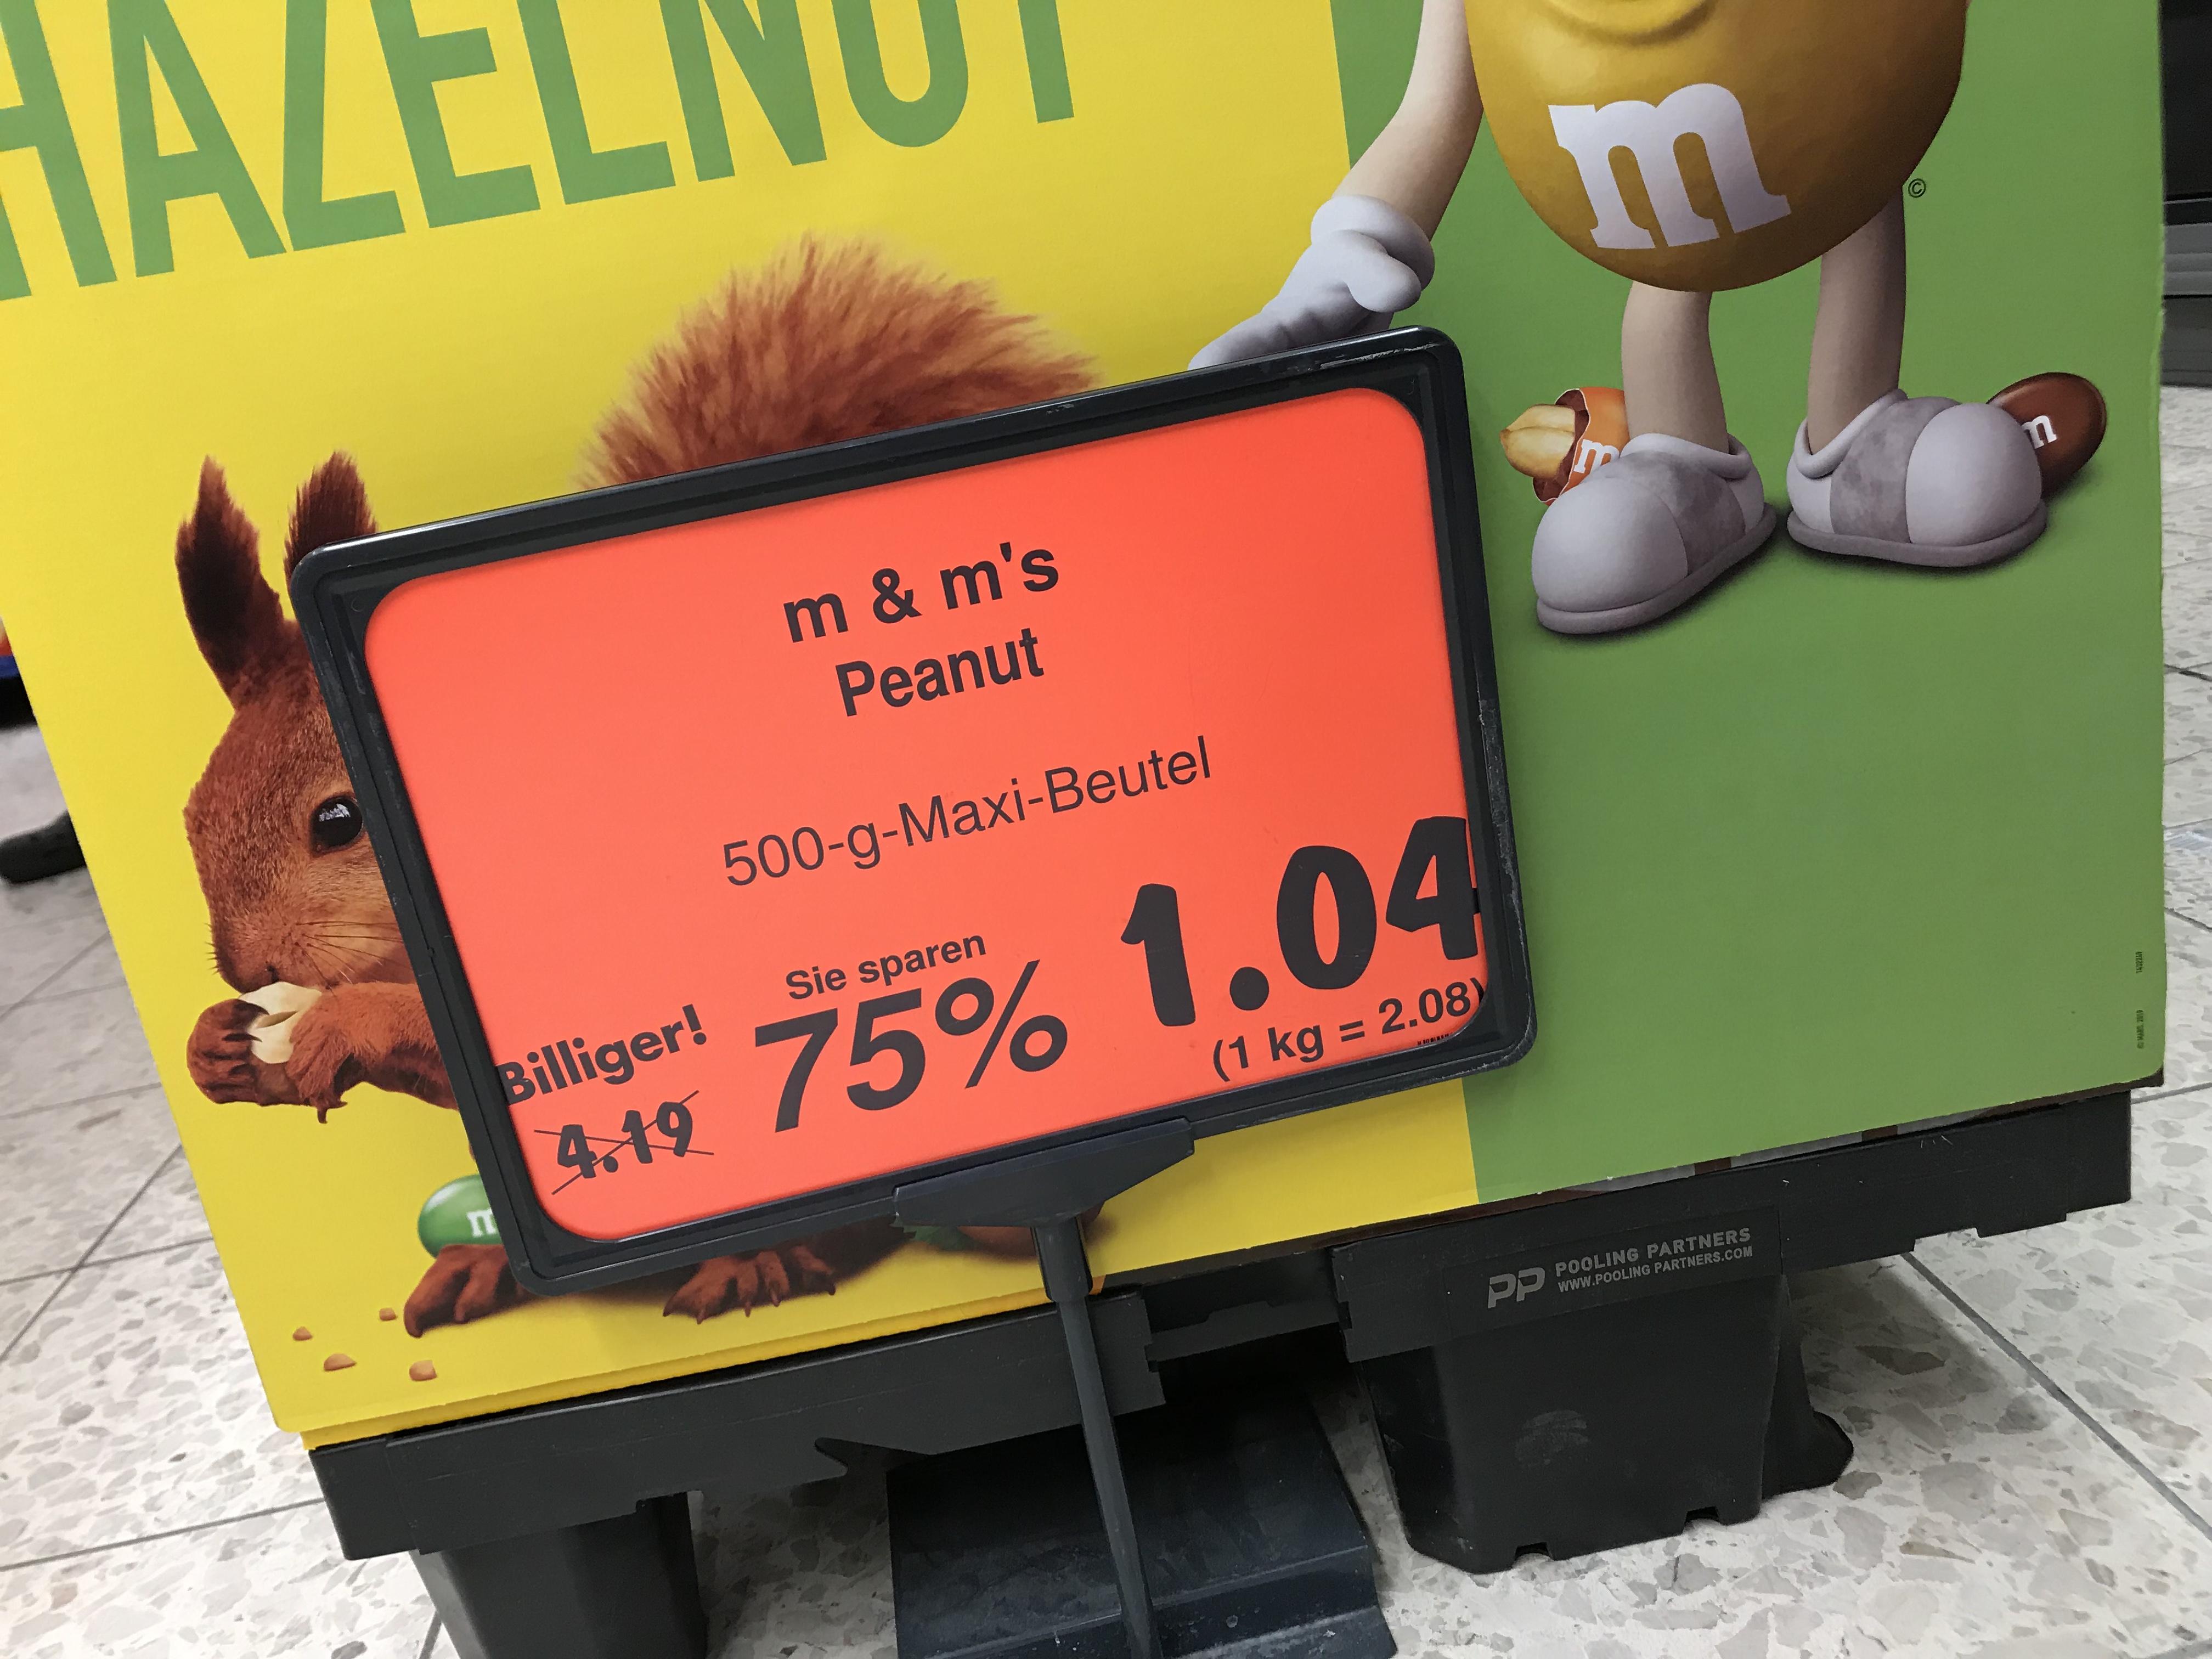 [Kaufland Emsdetten] M&M Peanut 500g Maxi Beutel